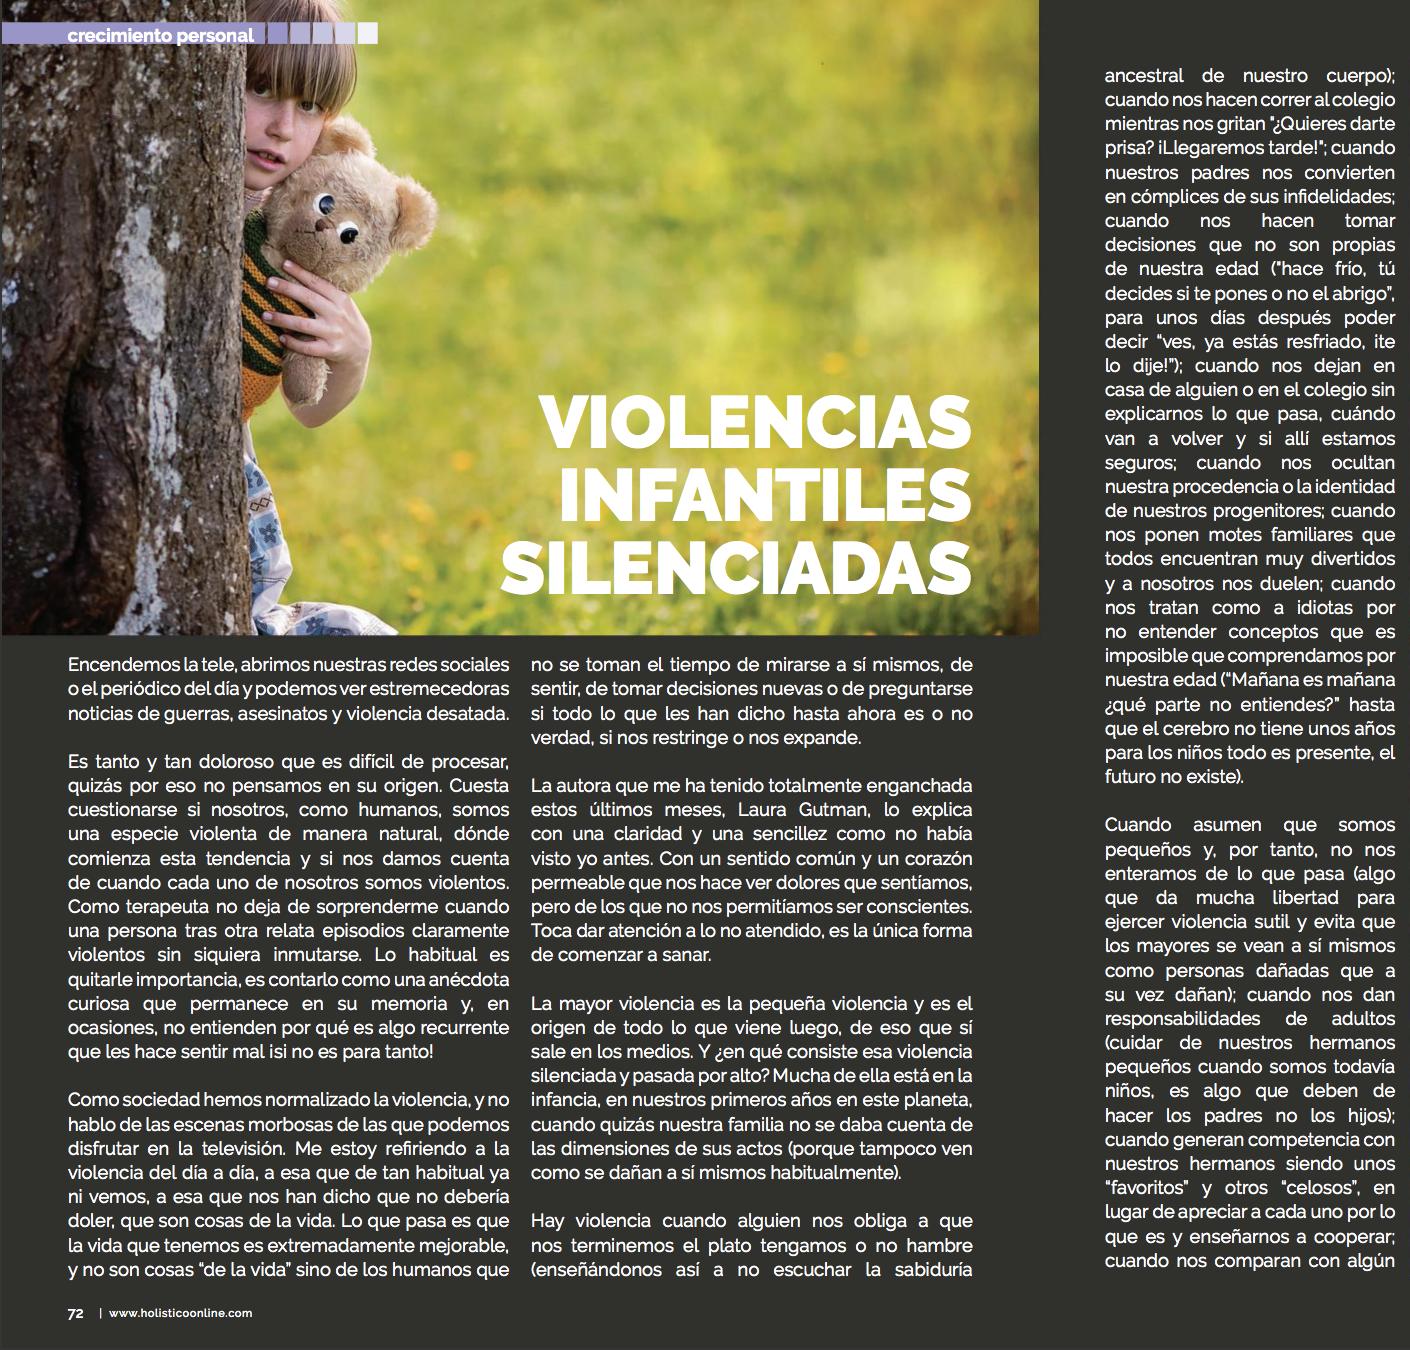 Violenciasinfantiles.png